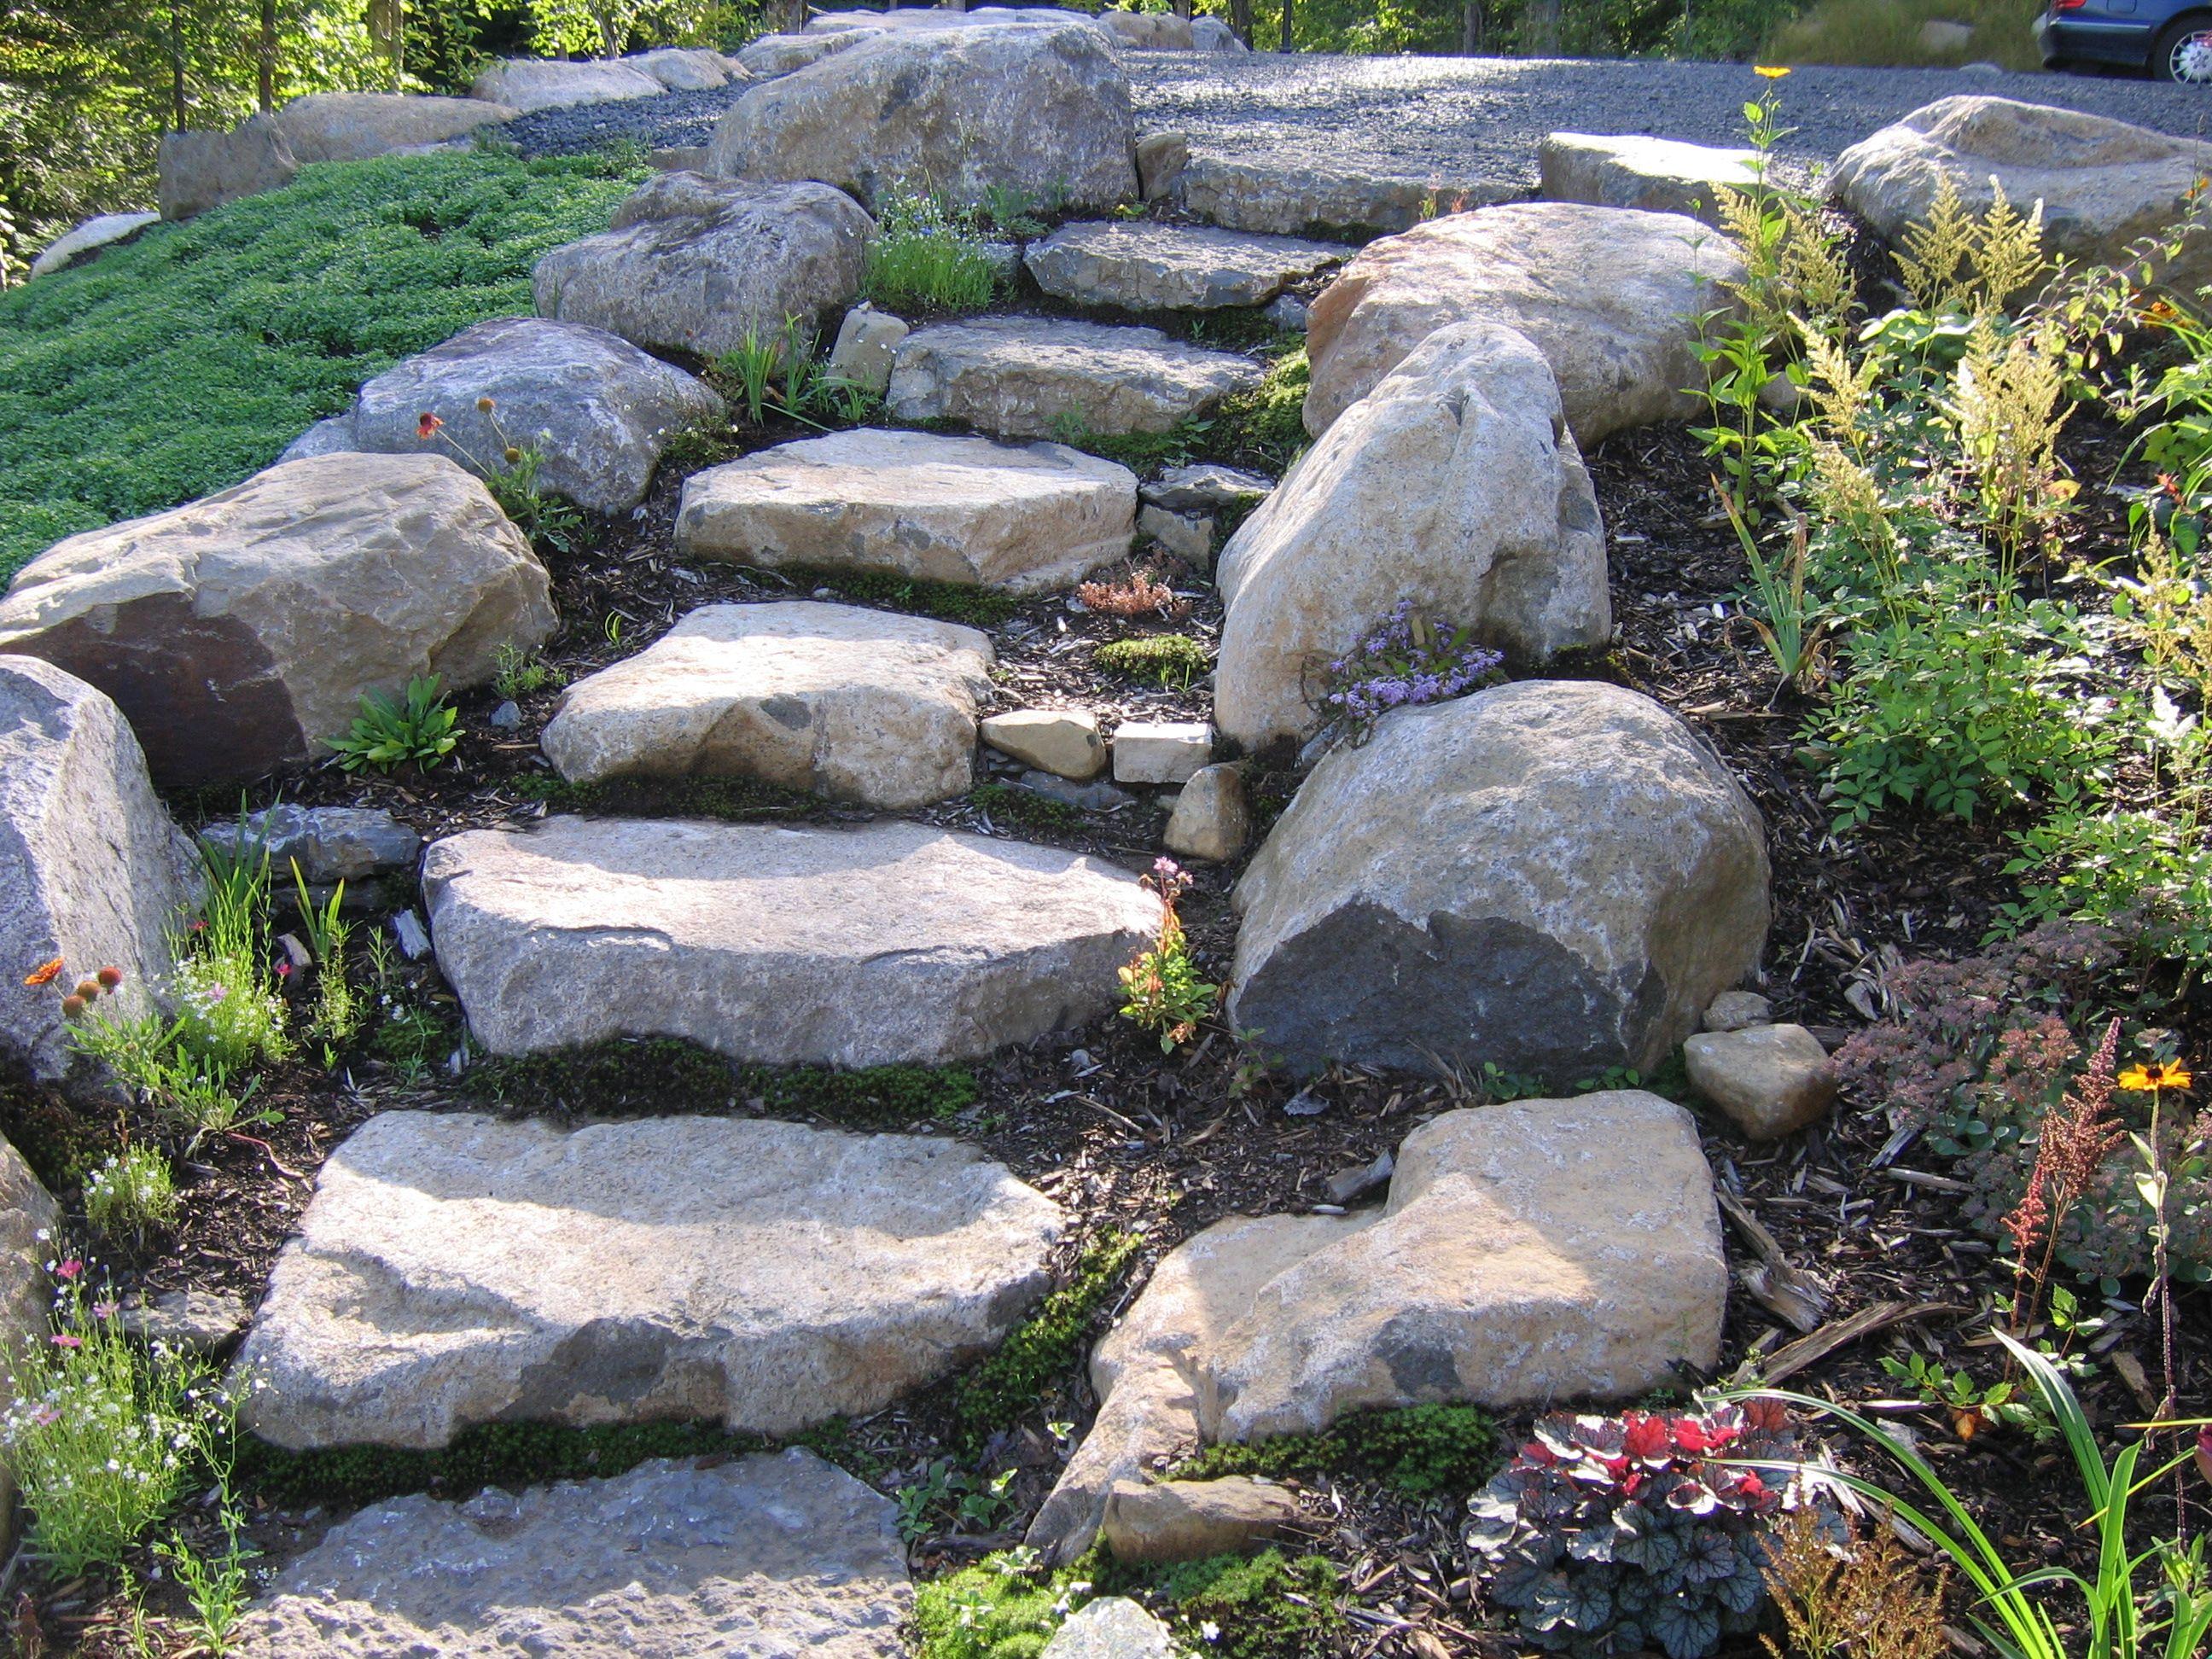 comment garder un extrieur naturel et authentique des marches en pierres peuvent trs bien donner - Marche En Pierre Exterieur